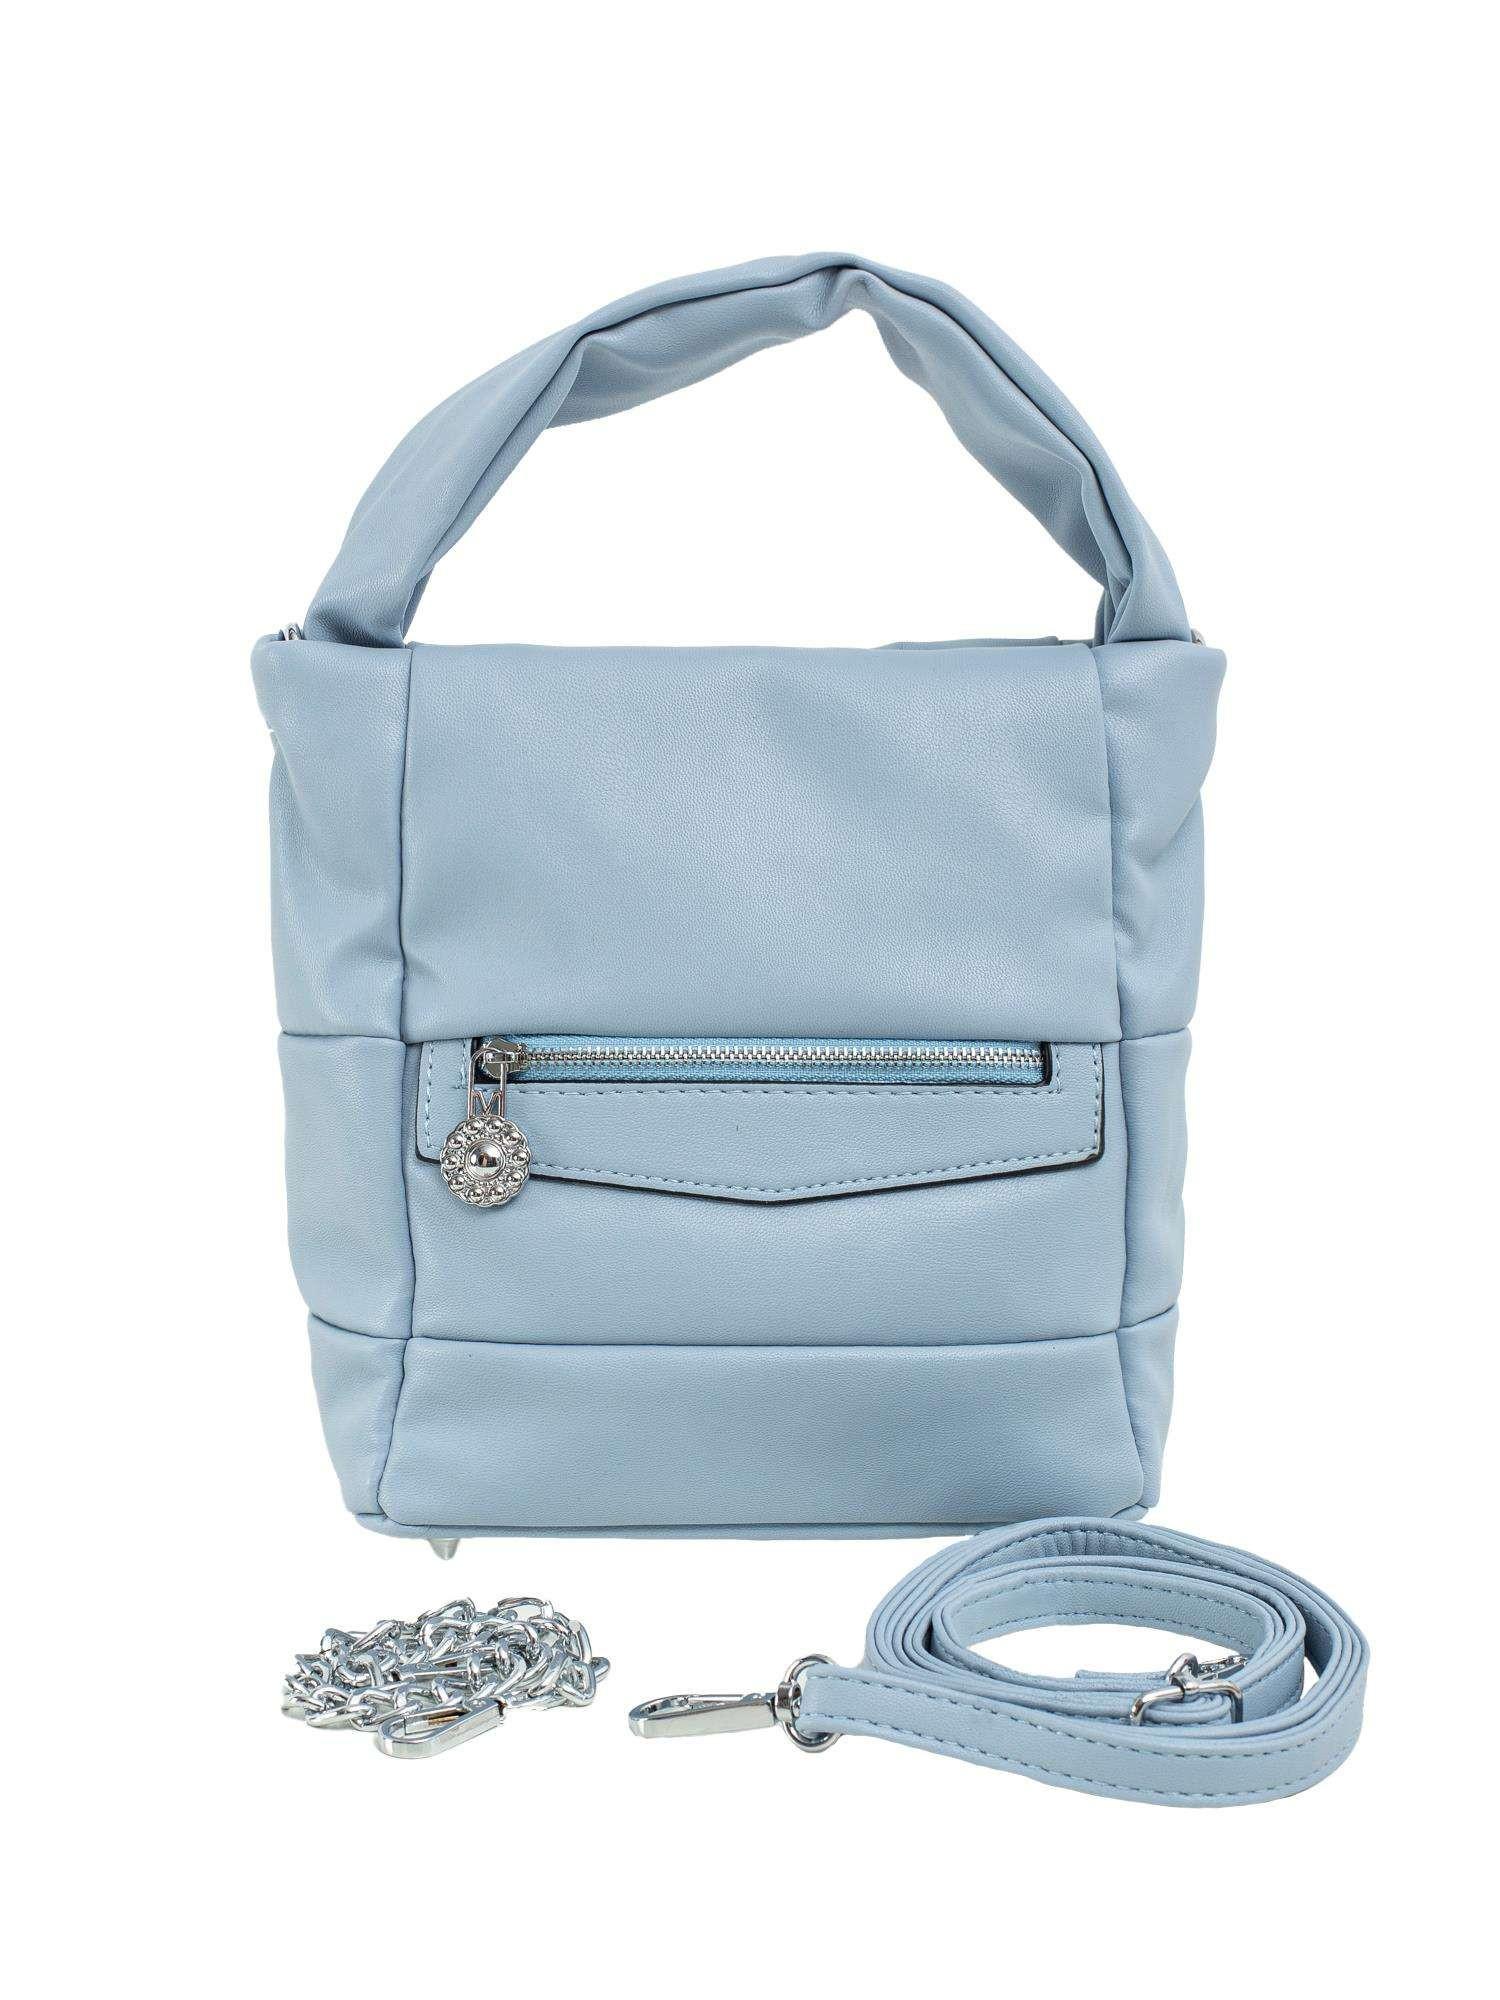 Svetlo modrá dámska kabelka vyrobená z ekologickej kože ONE SIZE